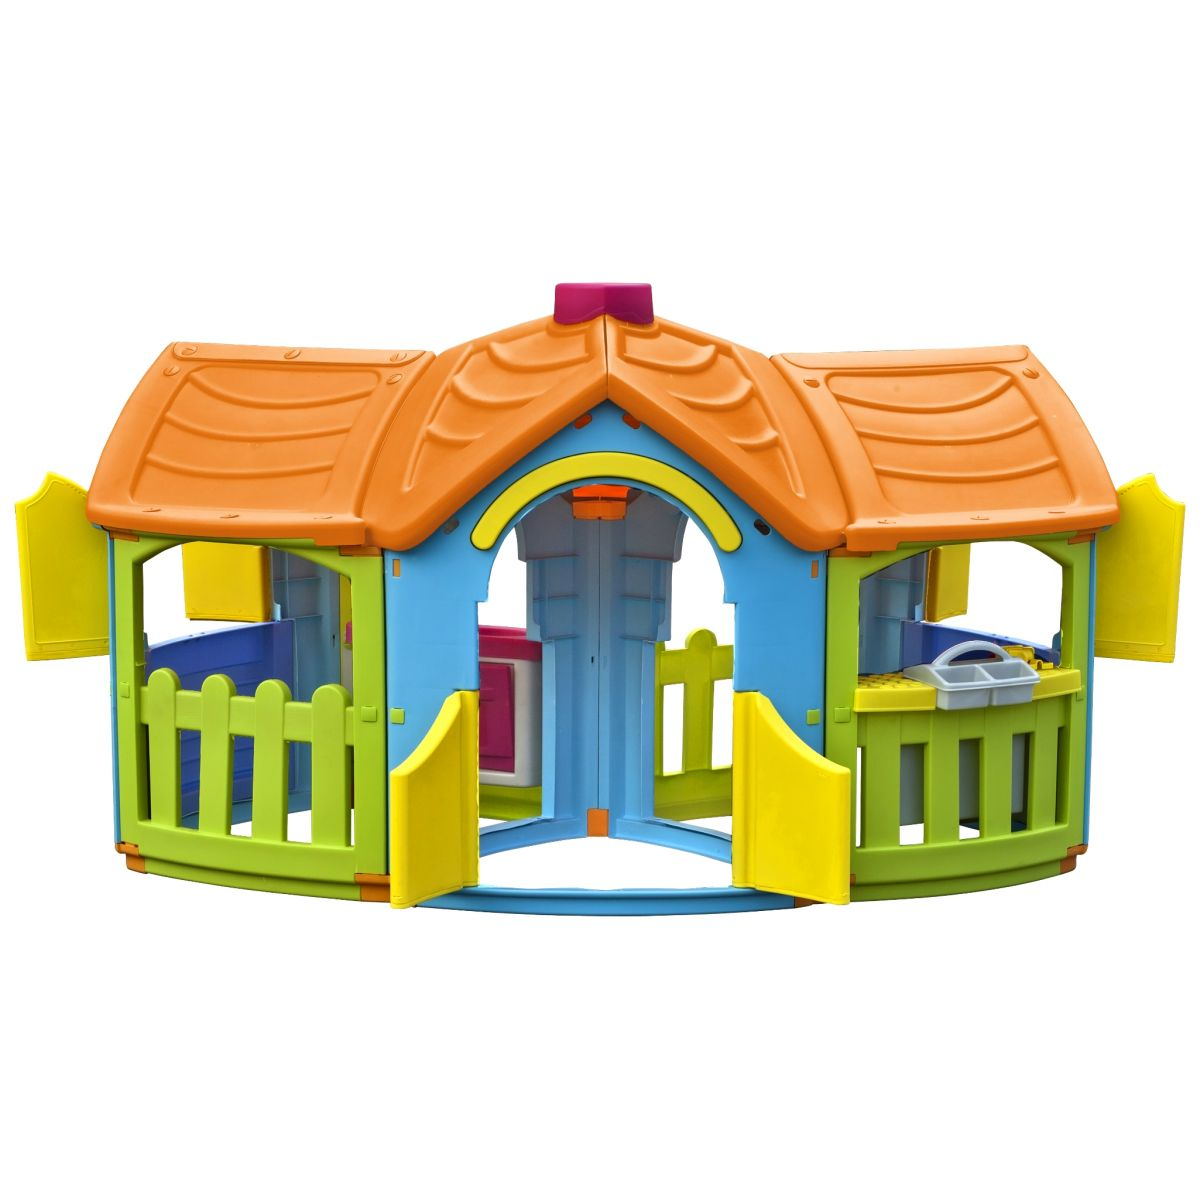 Domeček Velká vila 2 místnosti - Oranžová střecha